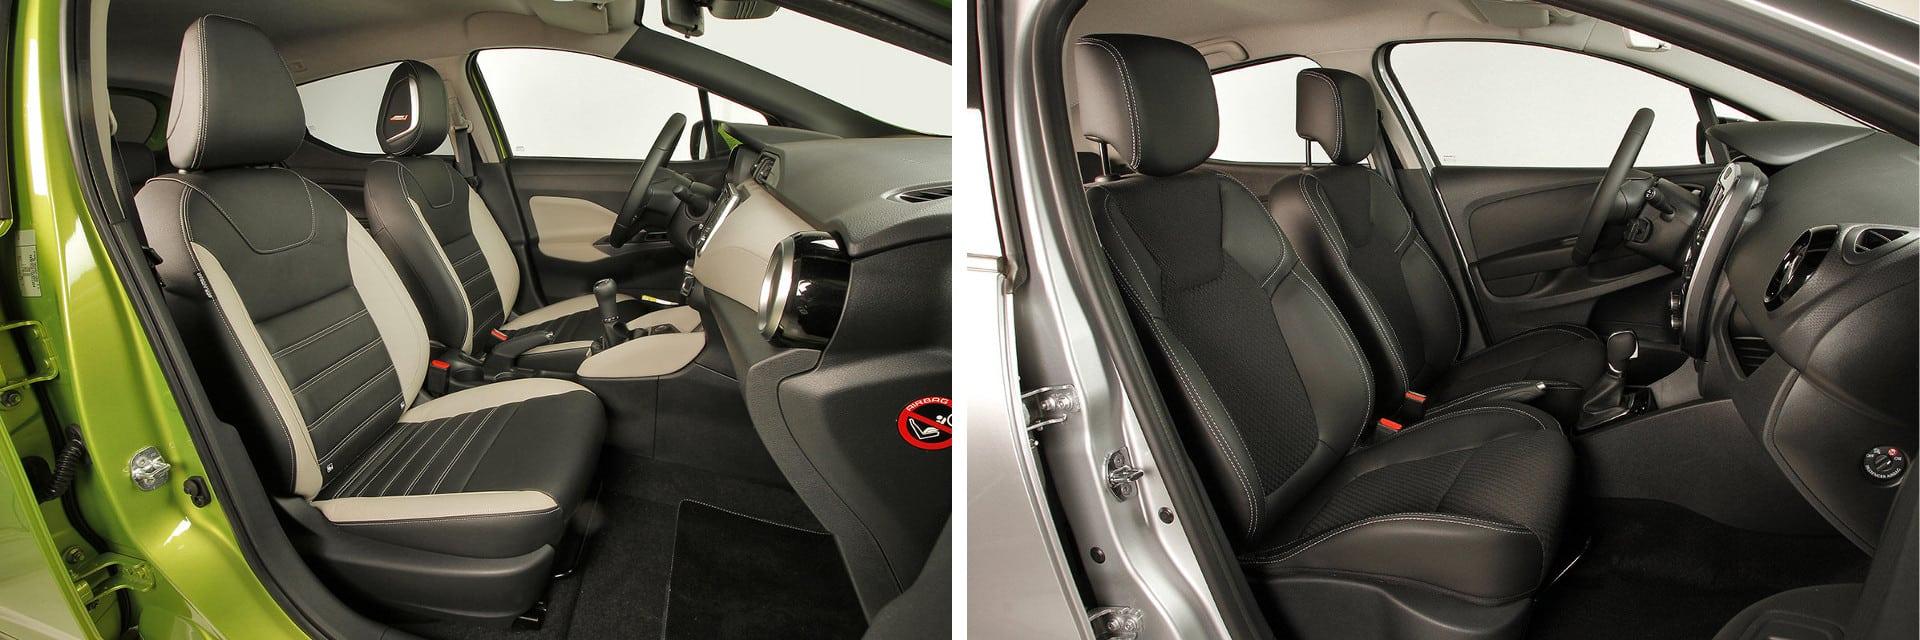 Los asientos delanteros del Micra (izq.) sujetan poco el cuerpo cuando se toman curvas a gran velocidad.